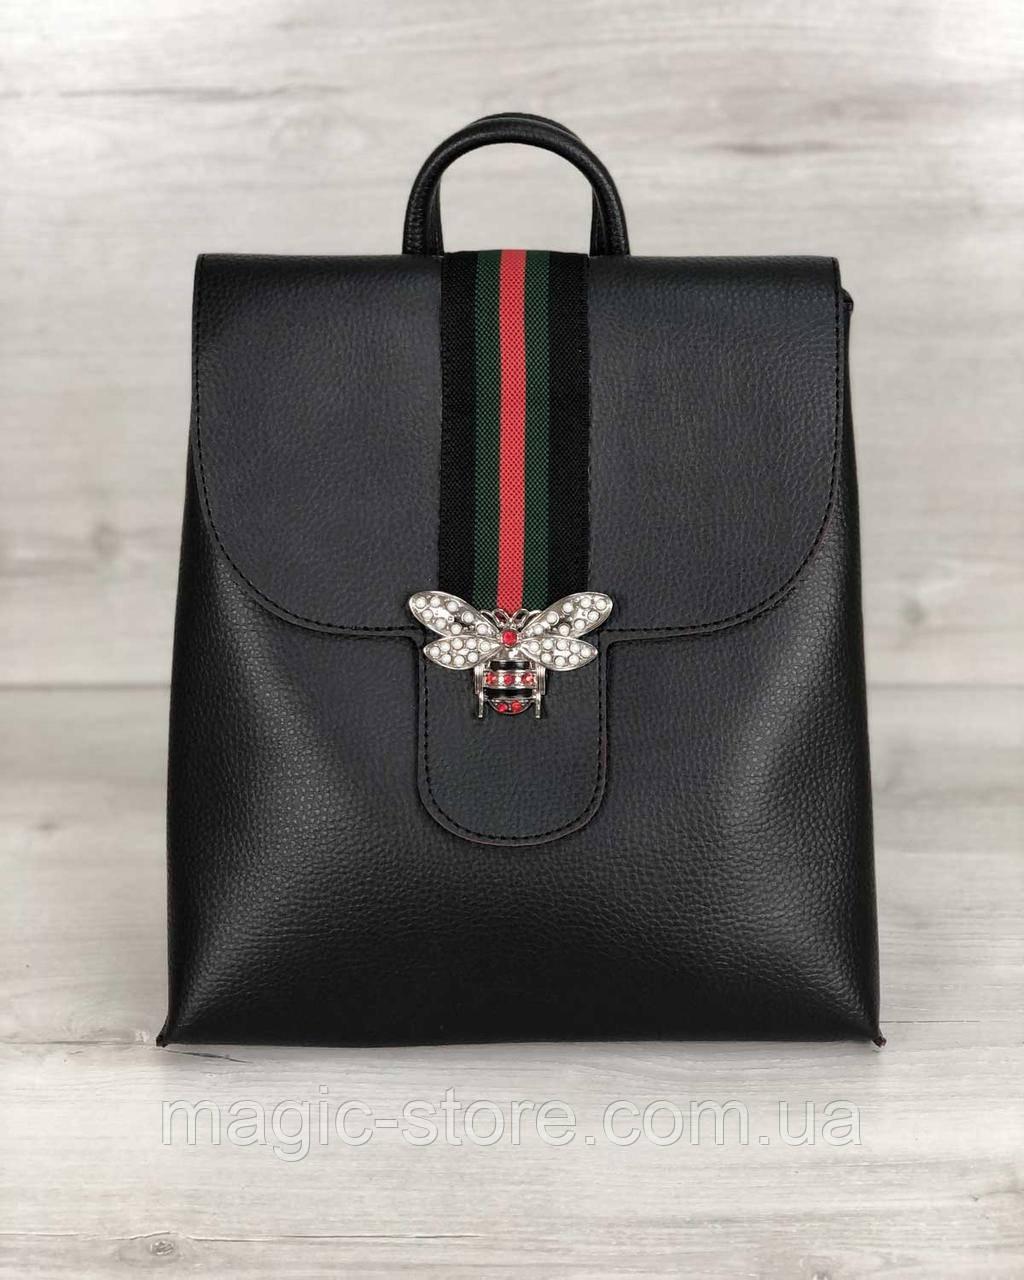 Рюкзак сумка женский Барб черного цвета (никель)